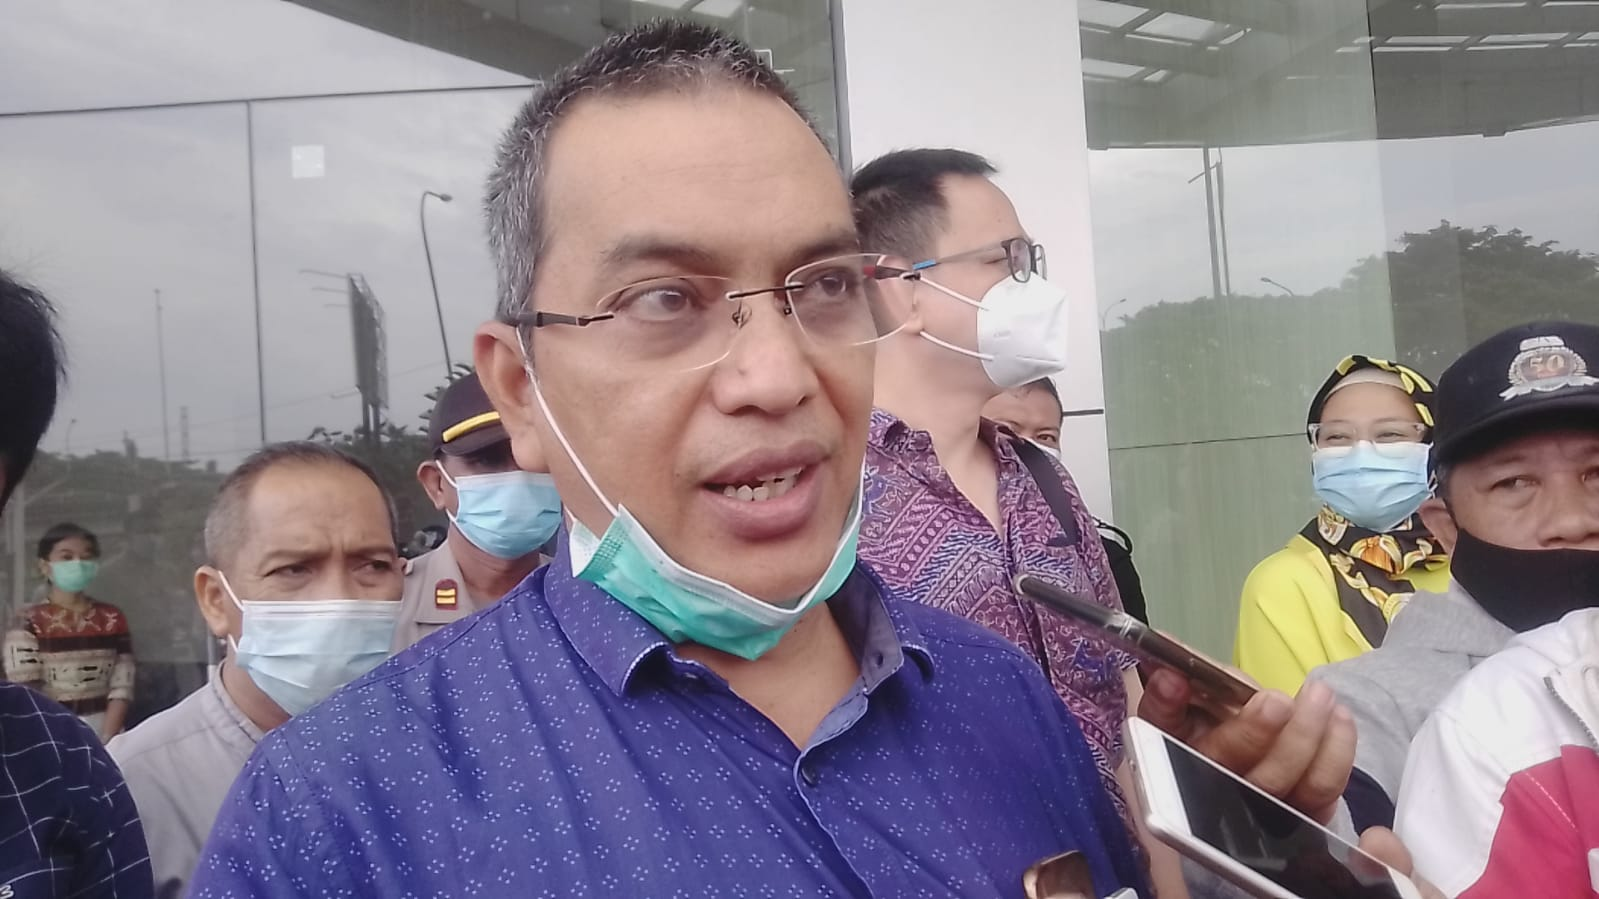 Muhammad Machmud, Anggota Komisi A DPRD Kota Surabaya, diwawancara pewarta di depan City of Tomorrow (Cito) Mall Surabaya dalam agenda Inspeksi Mendadak (Sidak) di Rumah Sakit (RS) Siloam di area Cito Mall Surabaya, Rabu (17/02/2021). (Foto: Rangga Aji/Tugu Jatim)